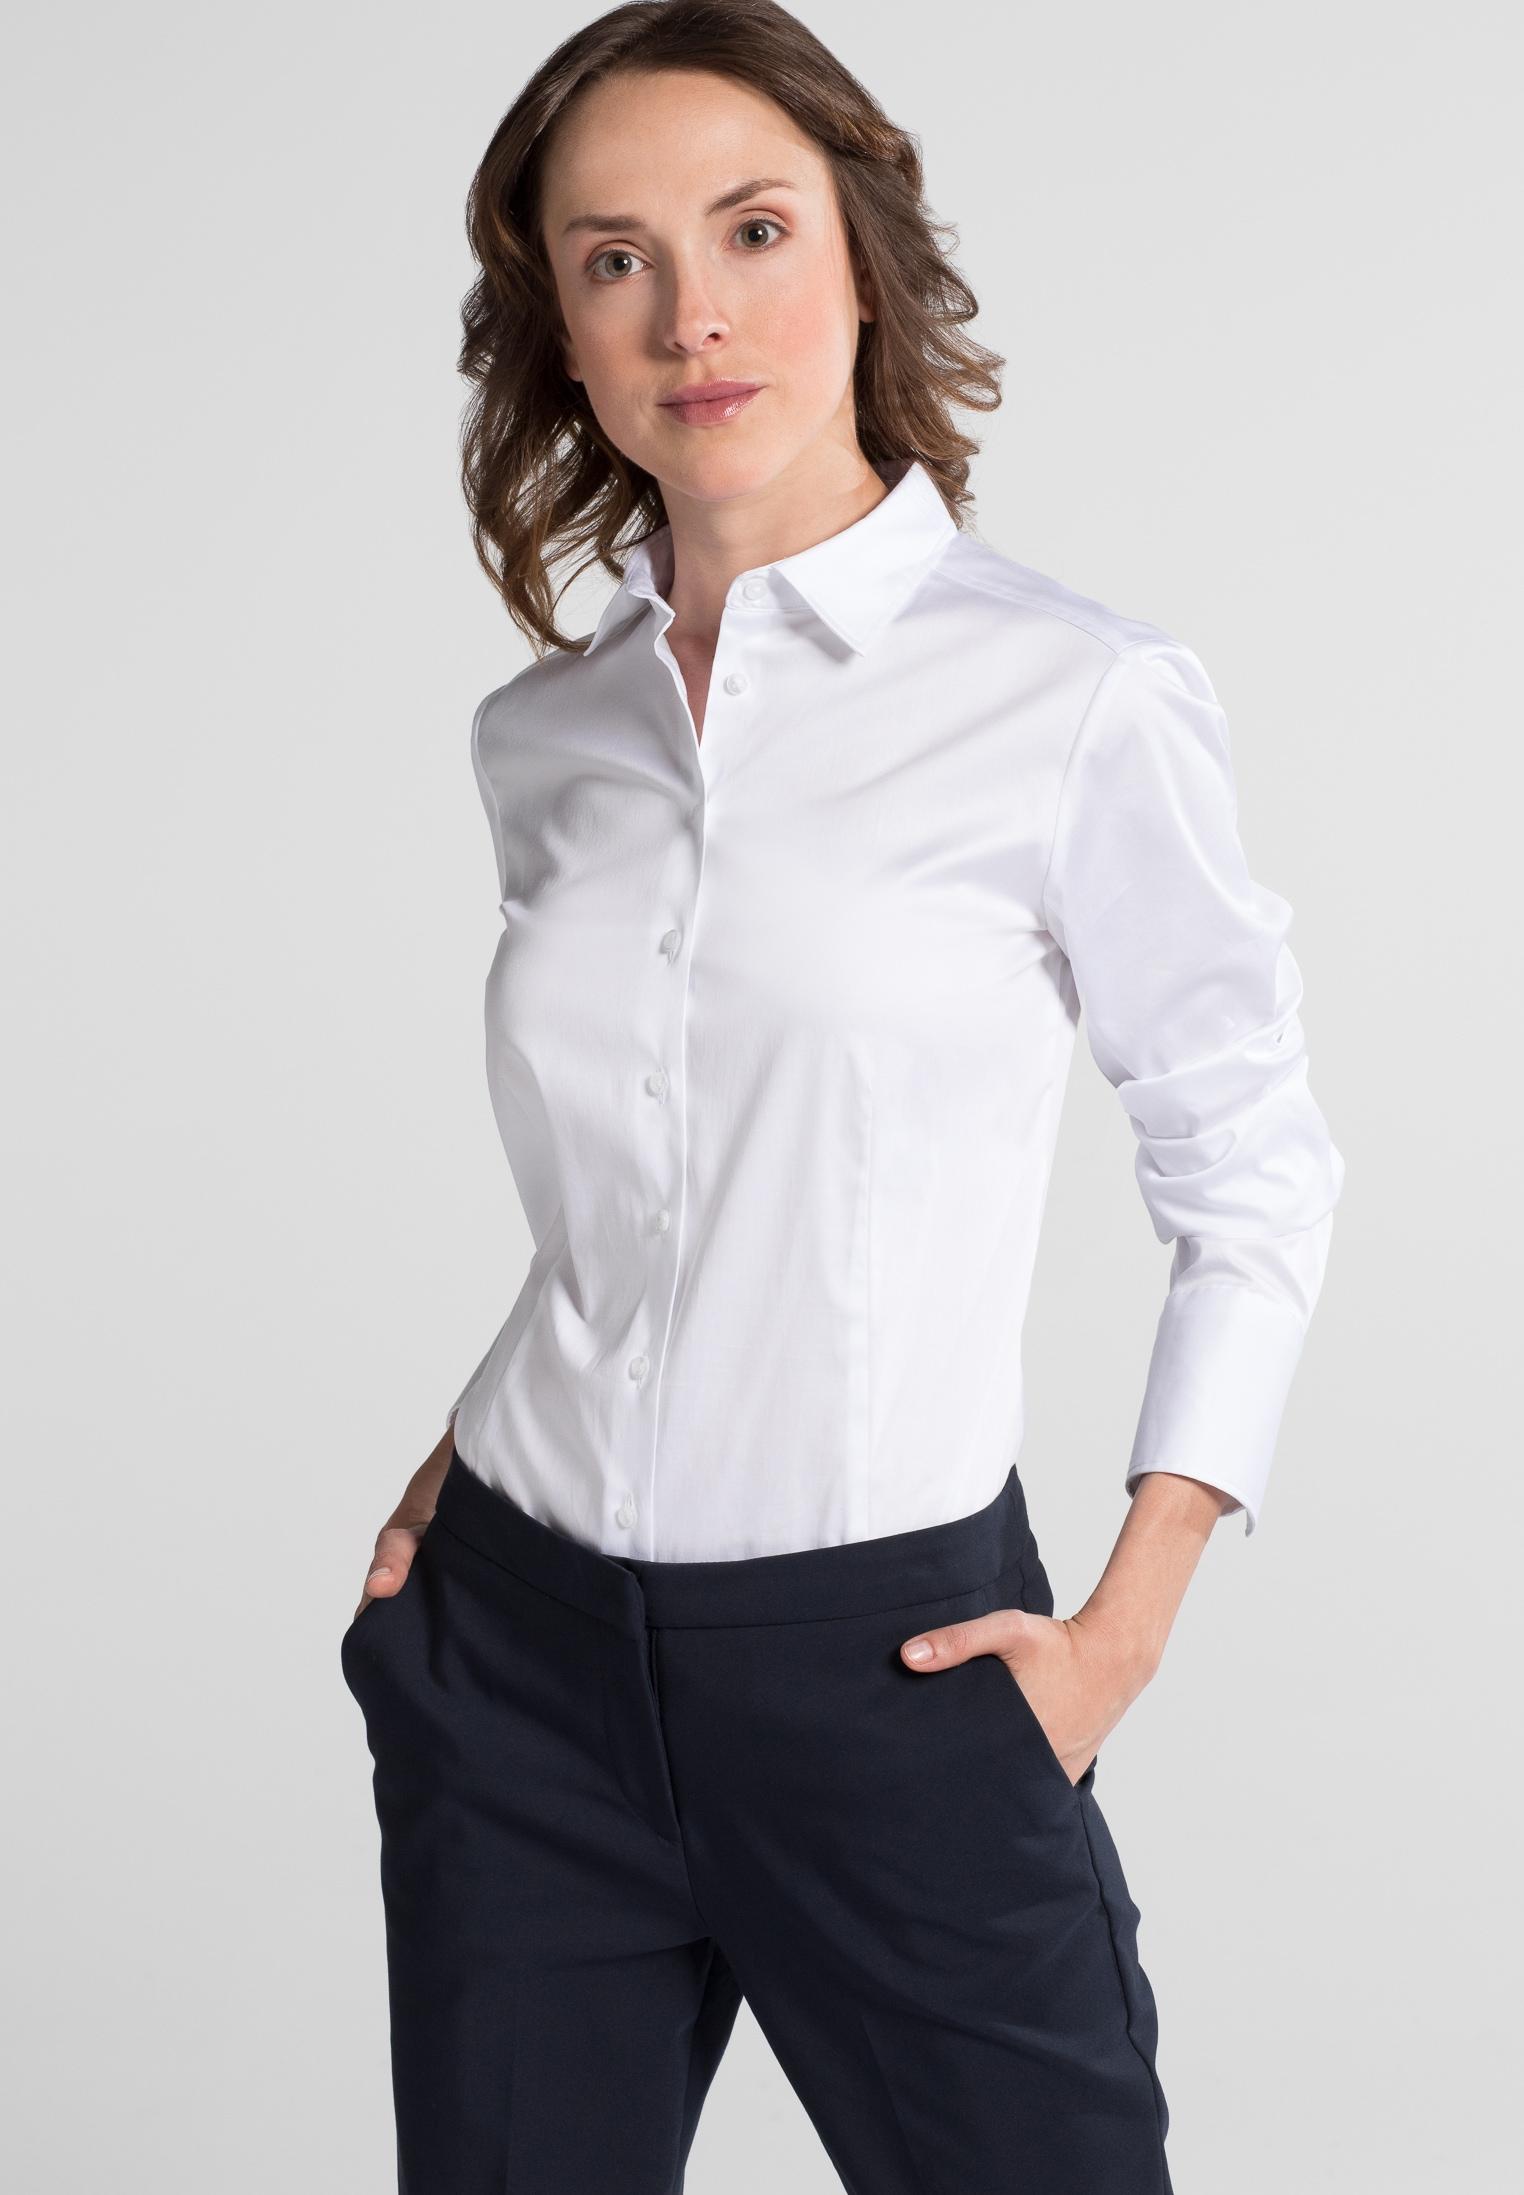 Eterna Langarm Bluse für grosse Frauen MODERN CLASSIC